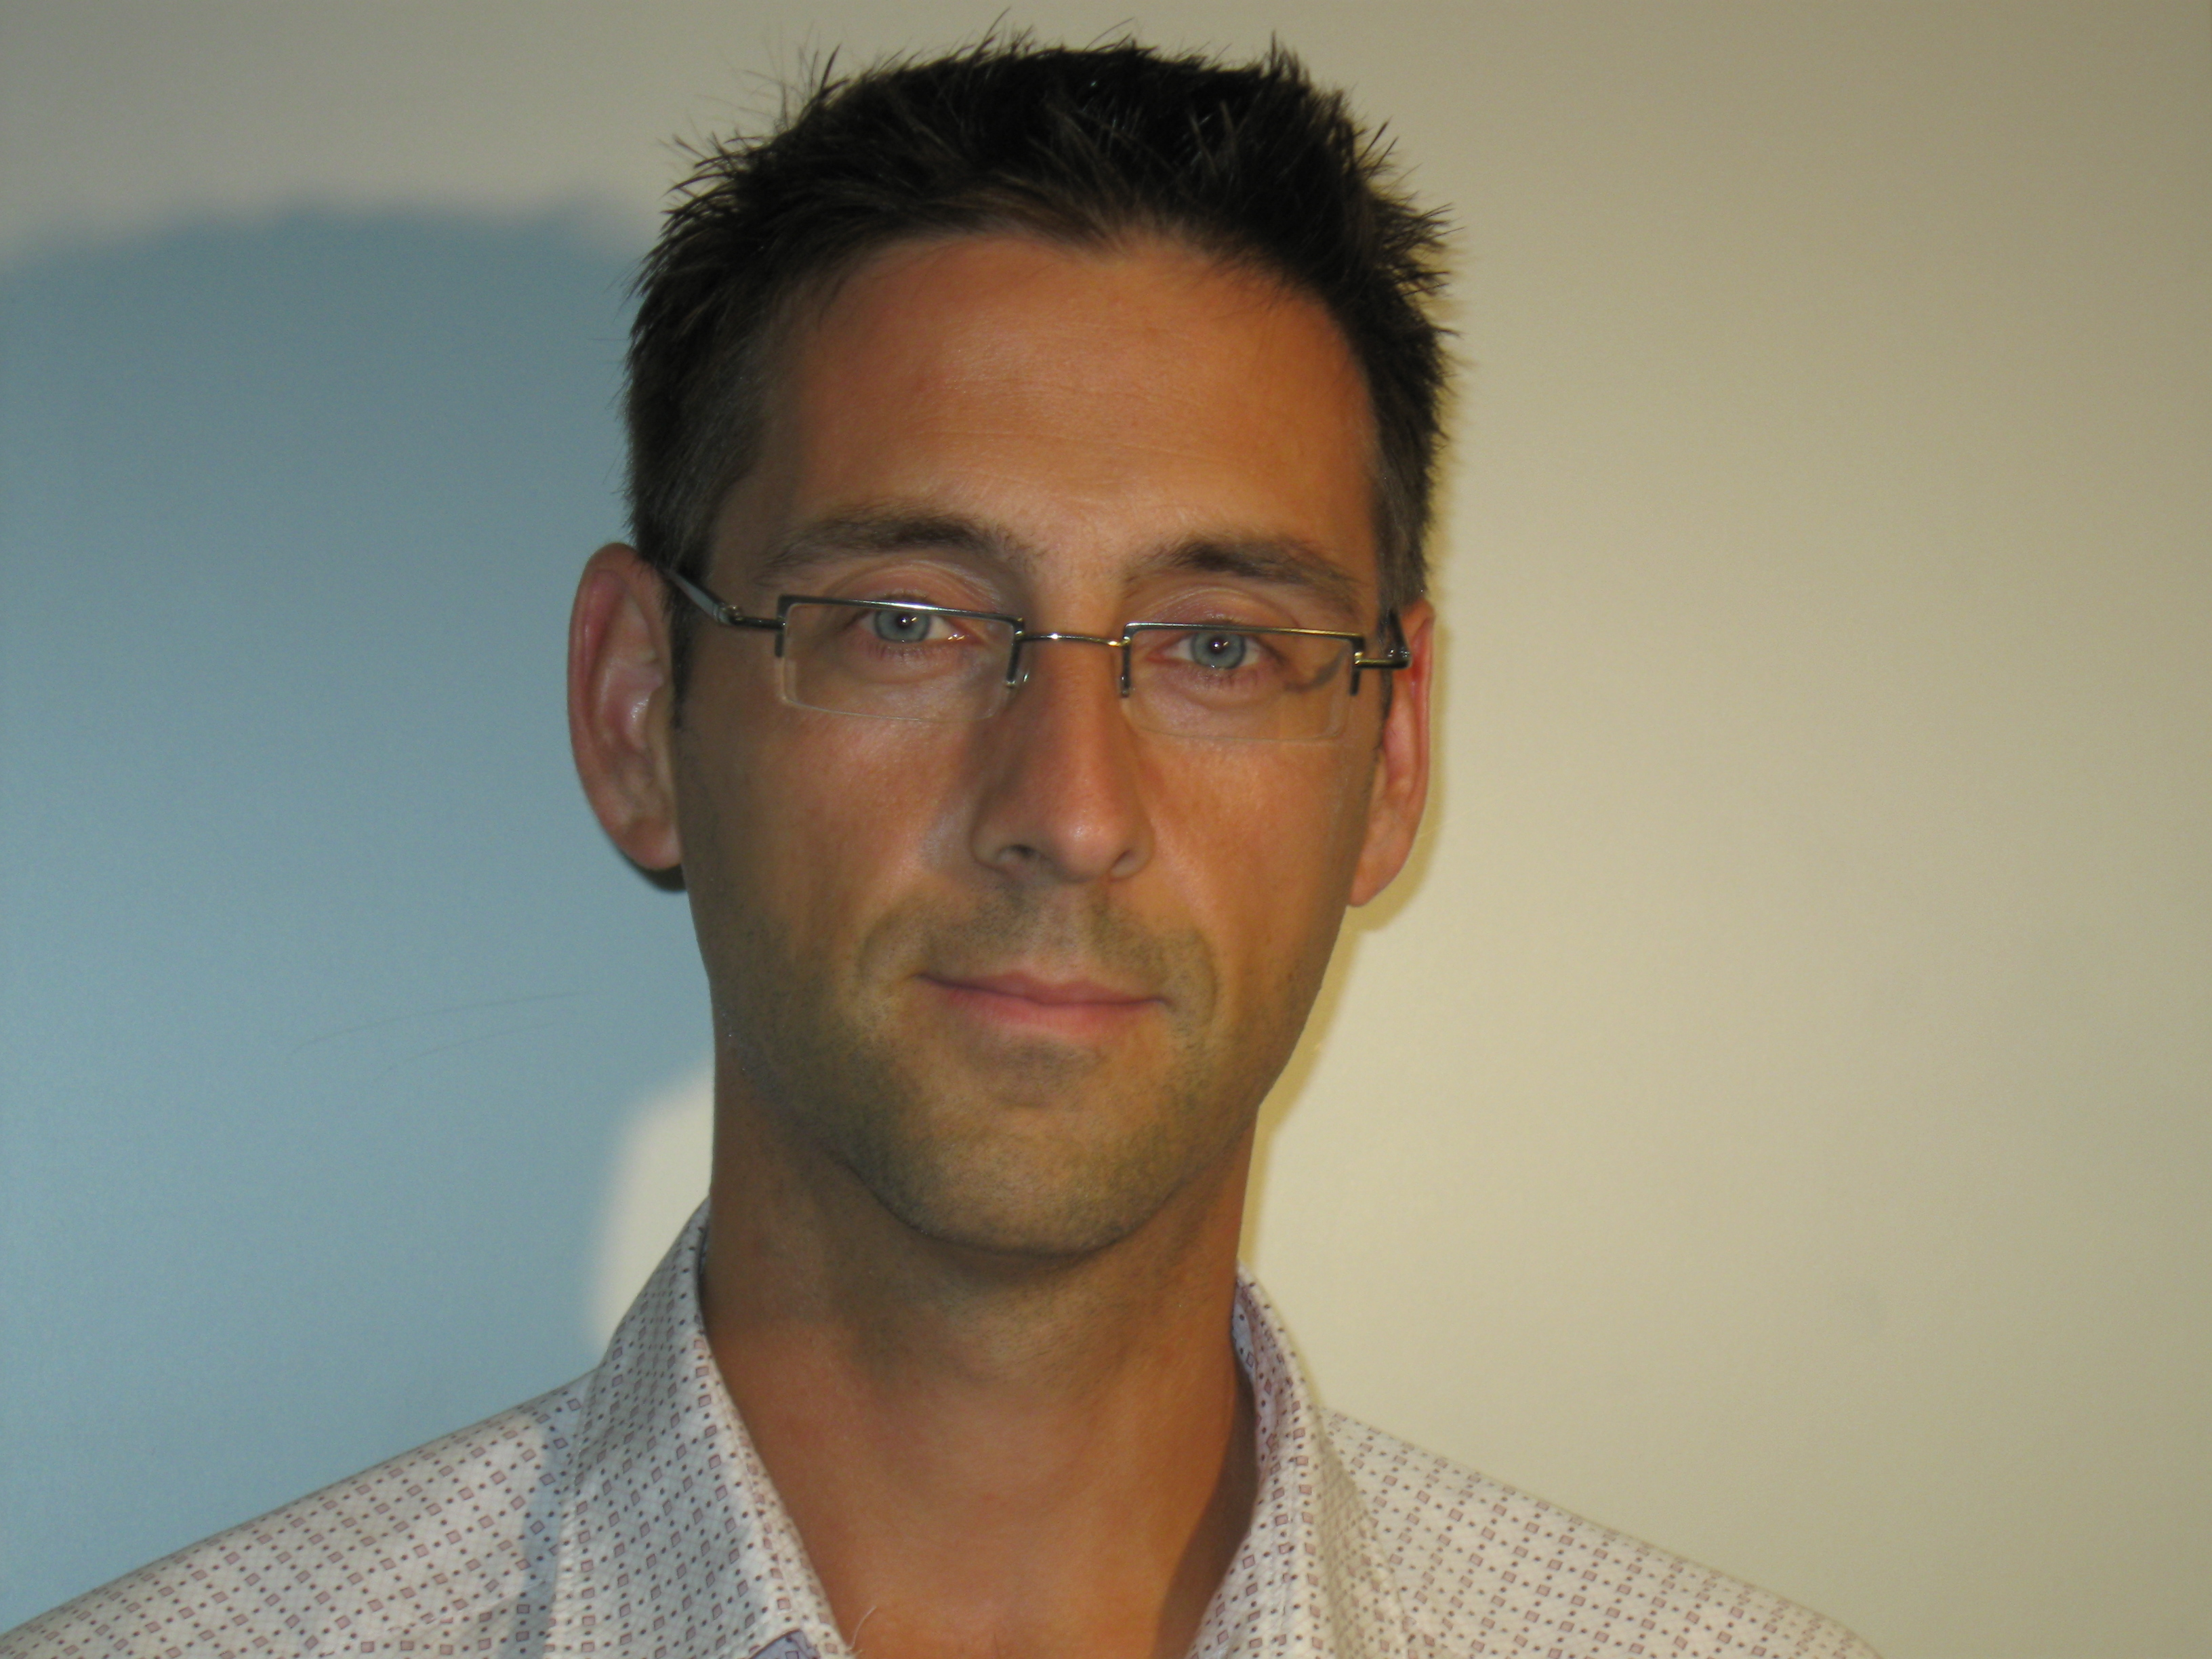 Trainer Tobias Brandt